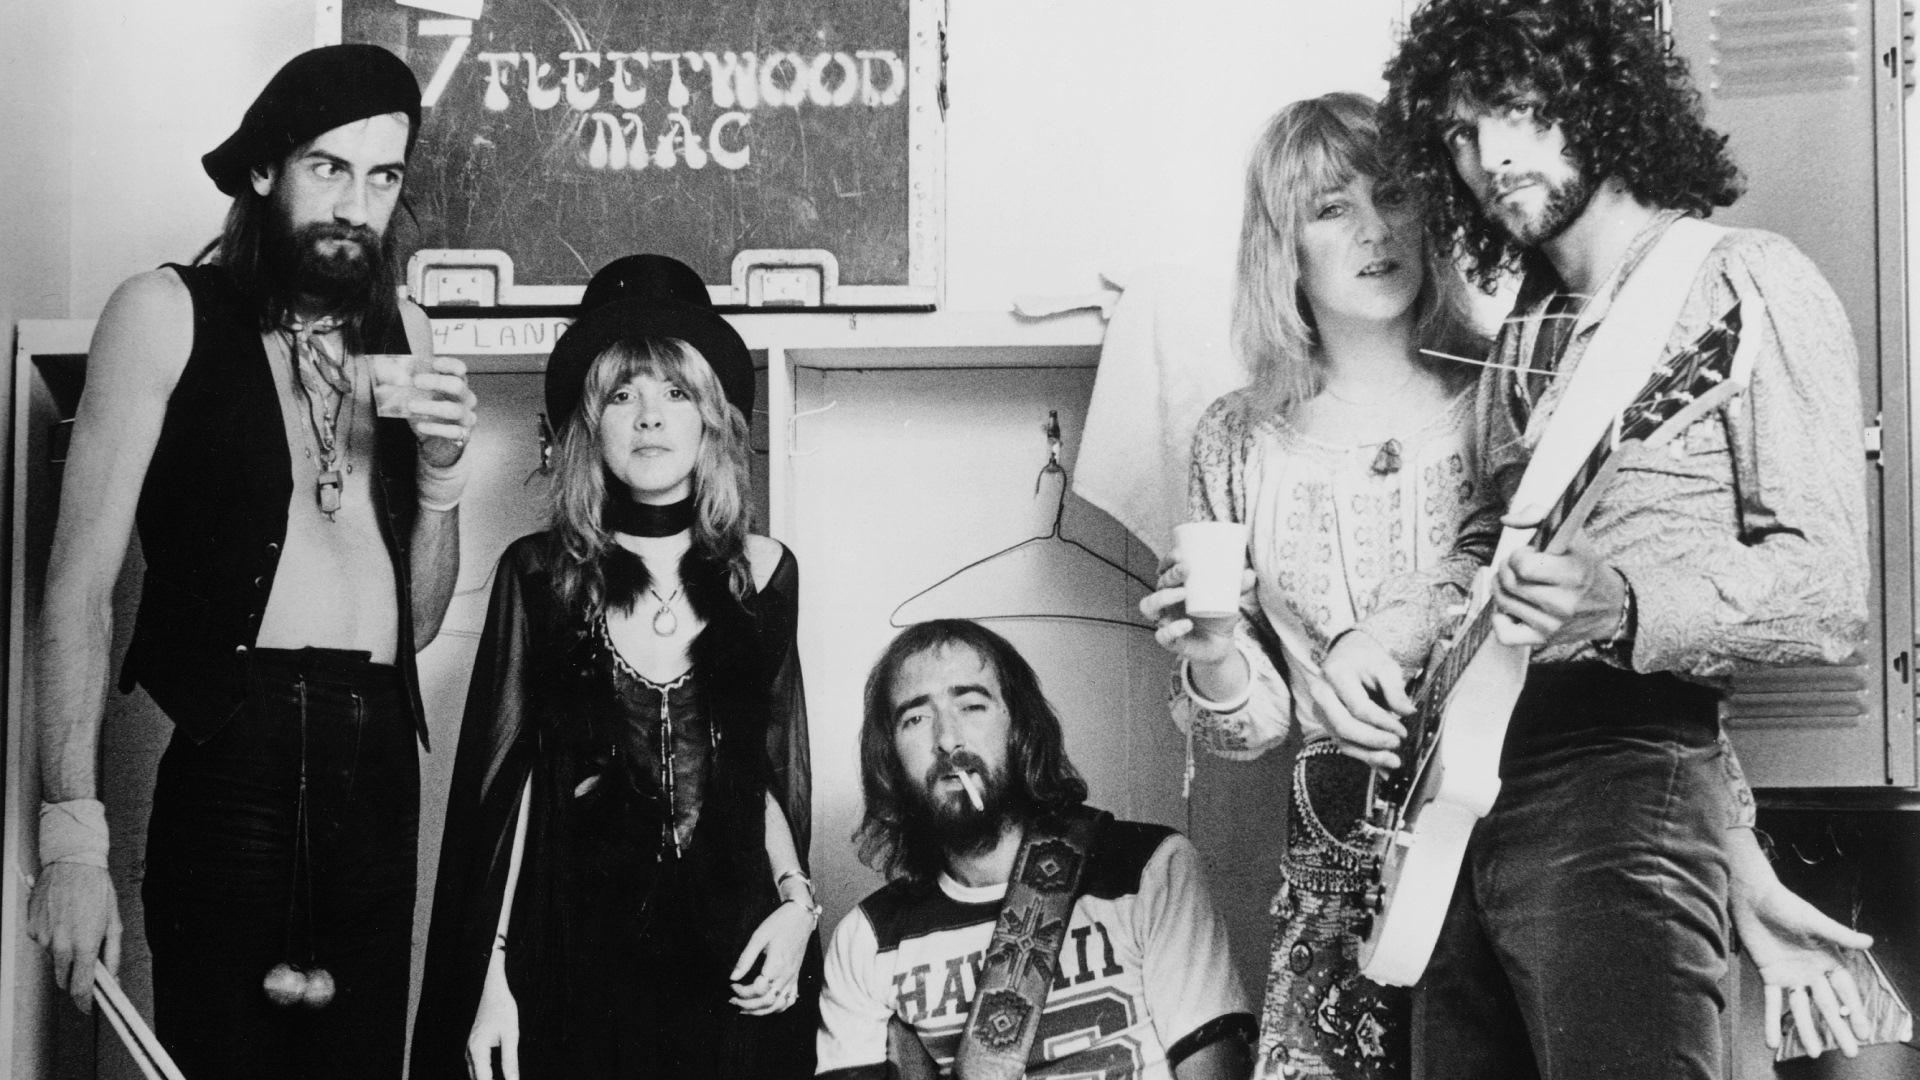 Fleetwood Mac | Music fanart | fanart.